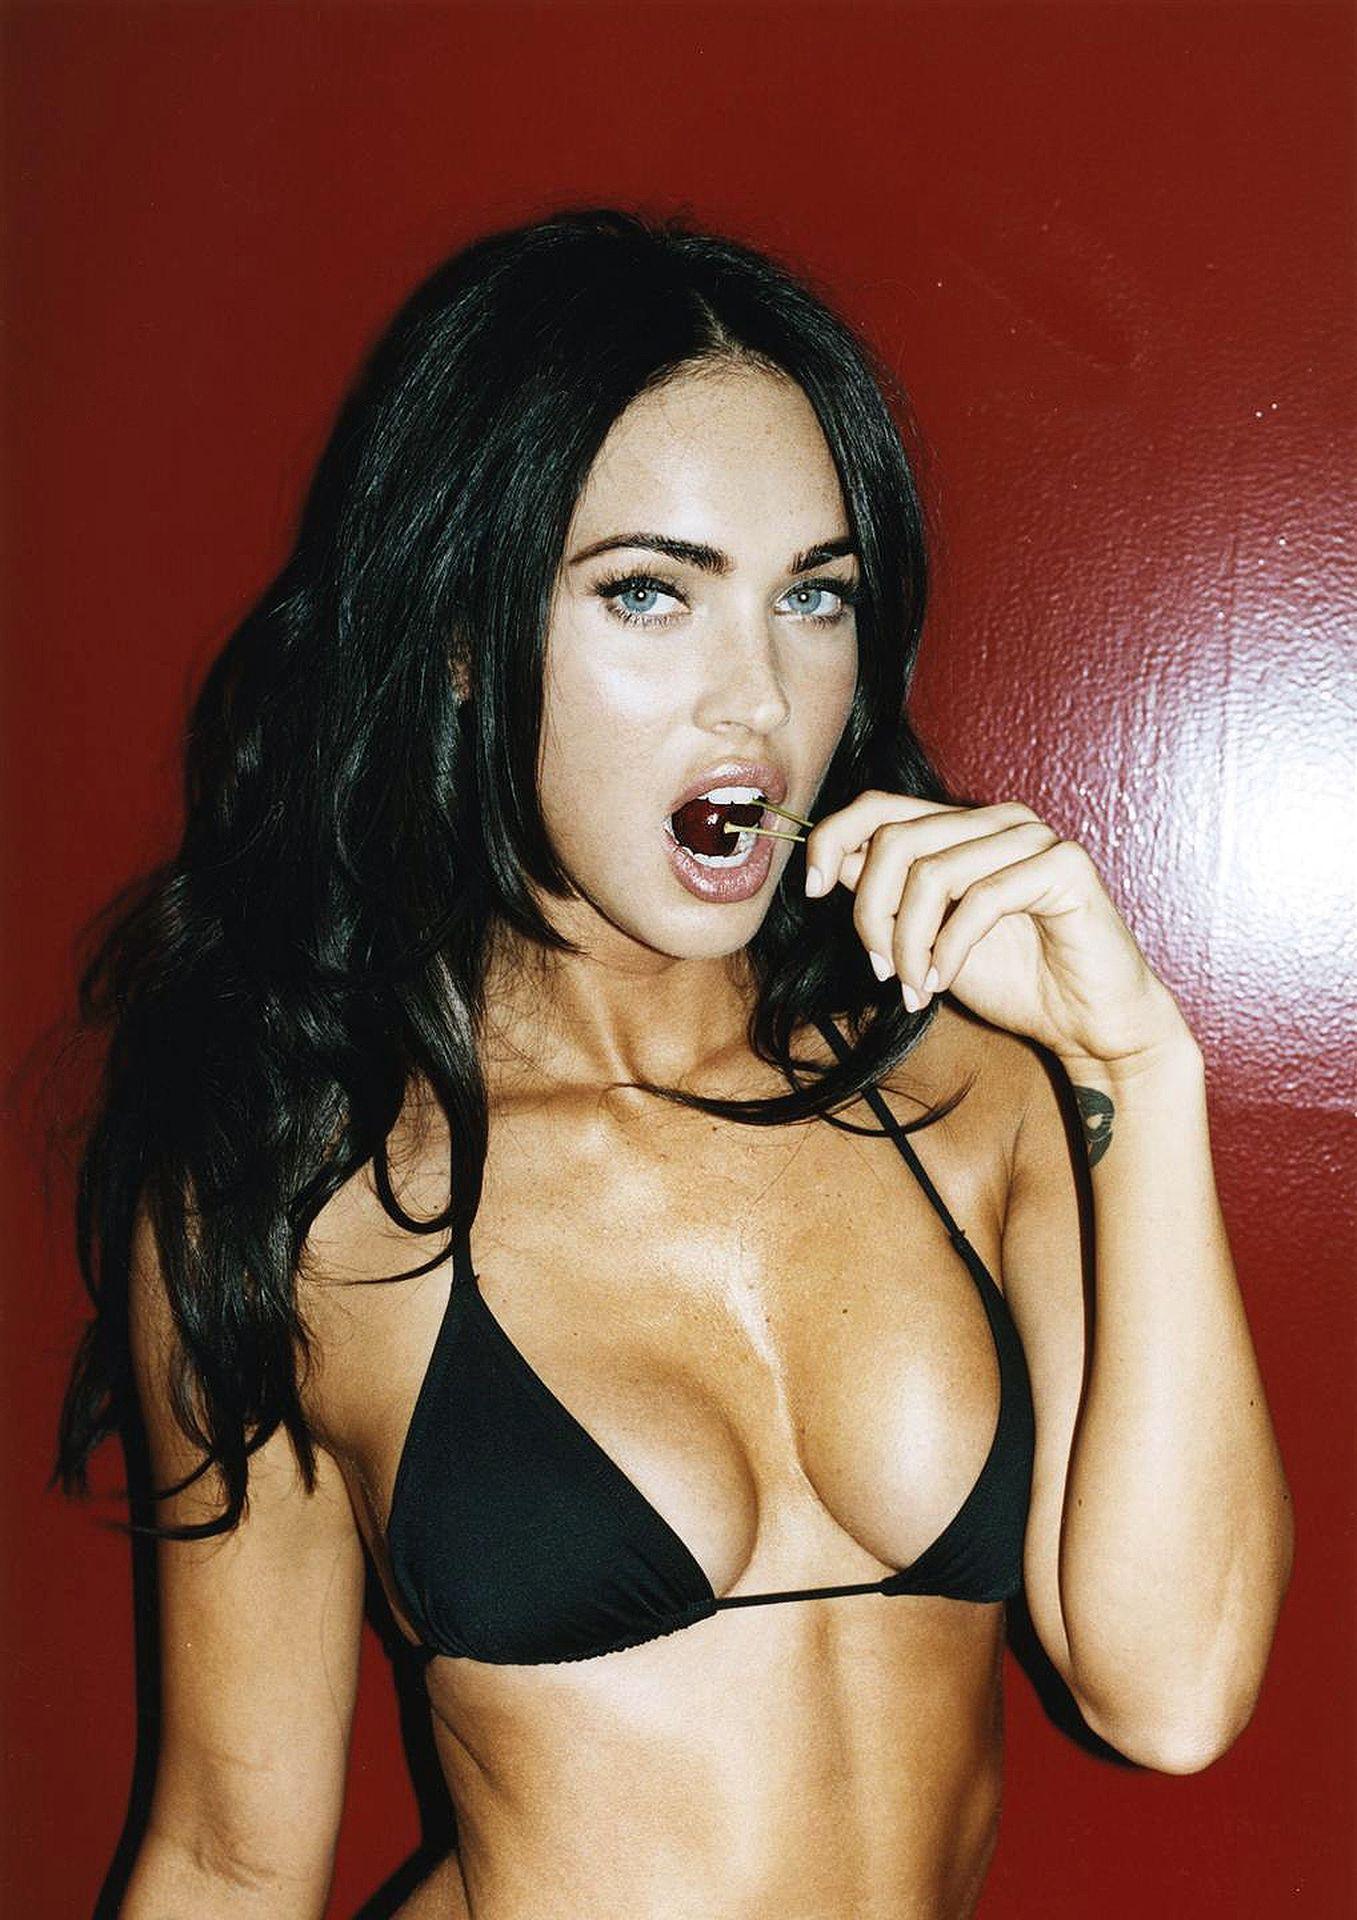 Сексуальные знаменитостей фото @ m1bar.com